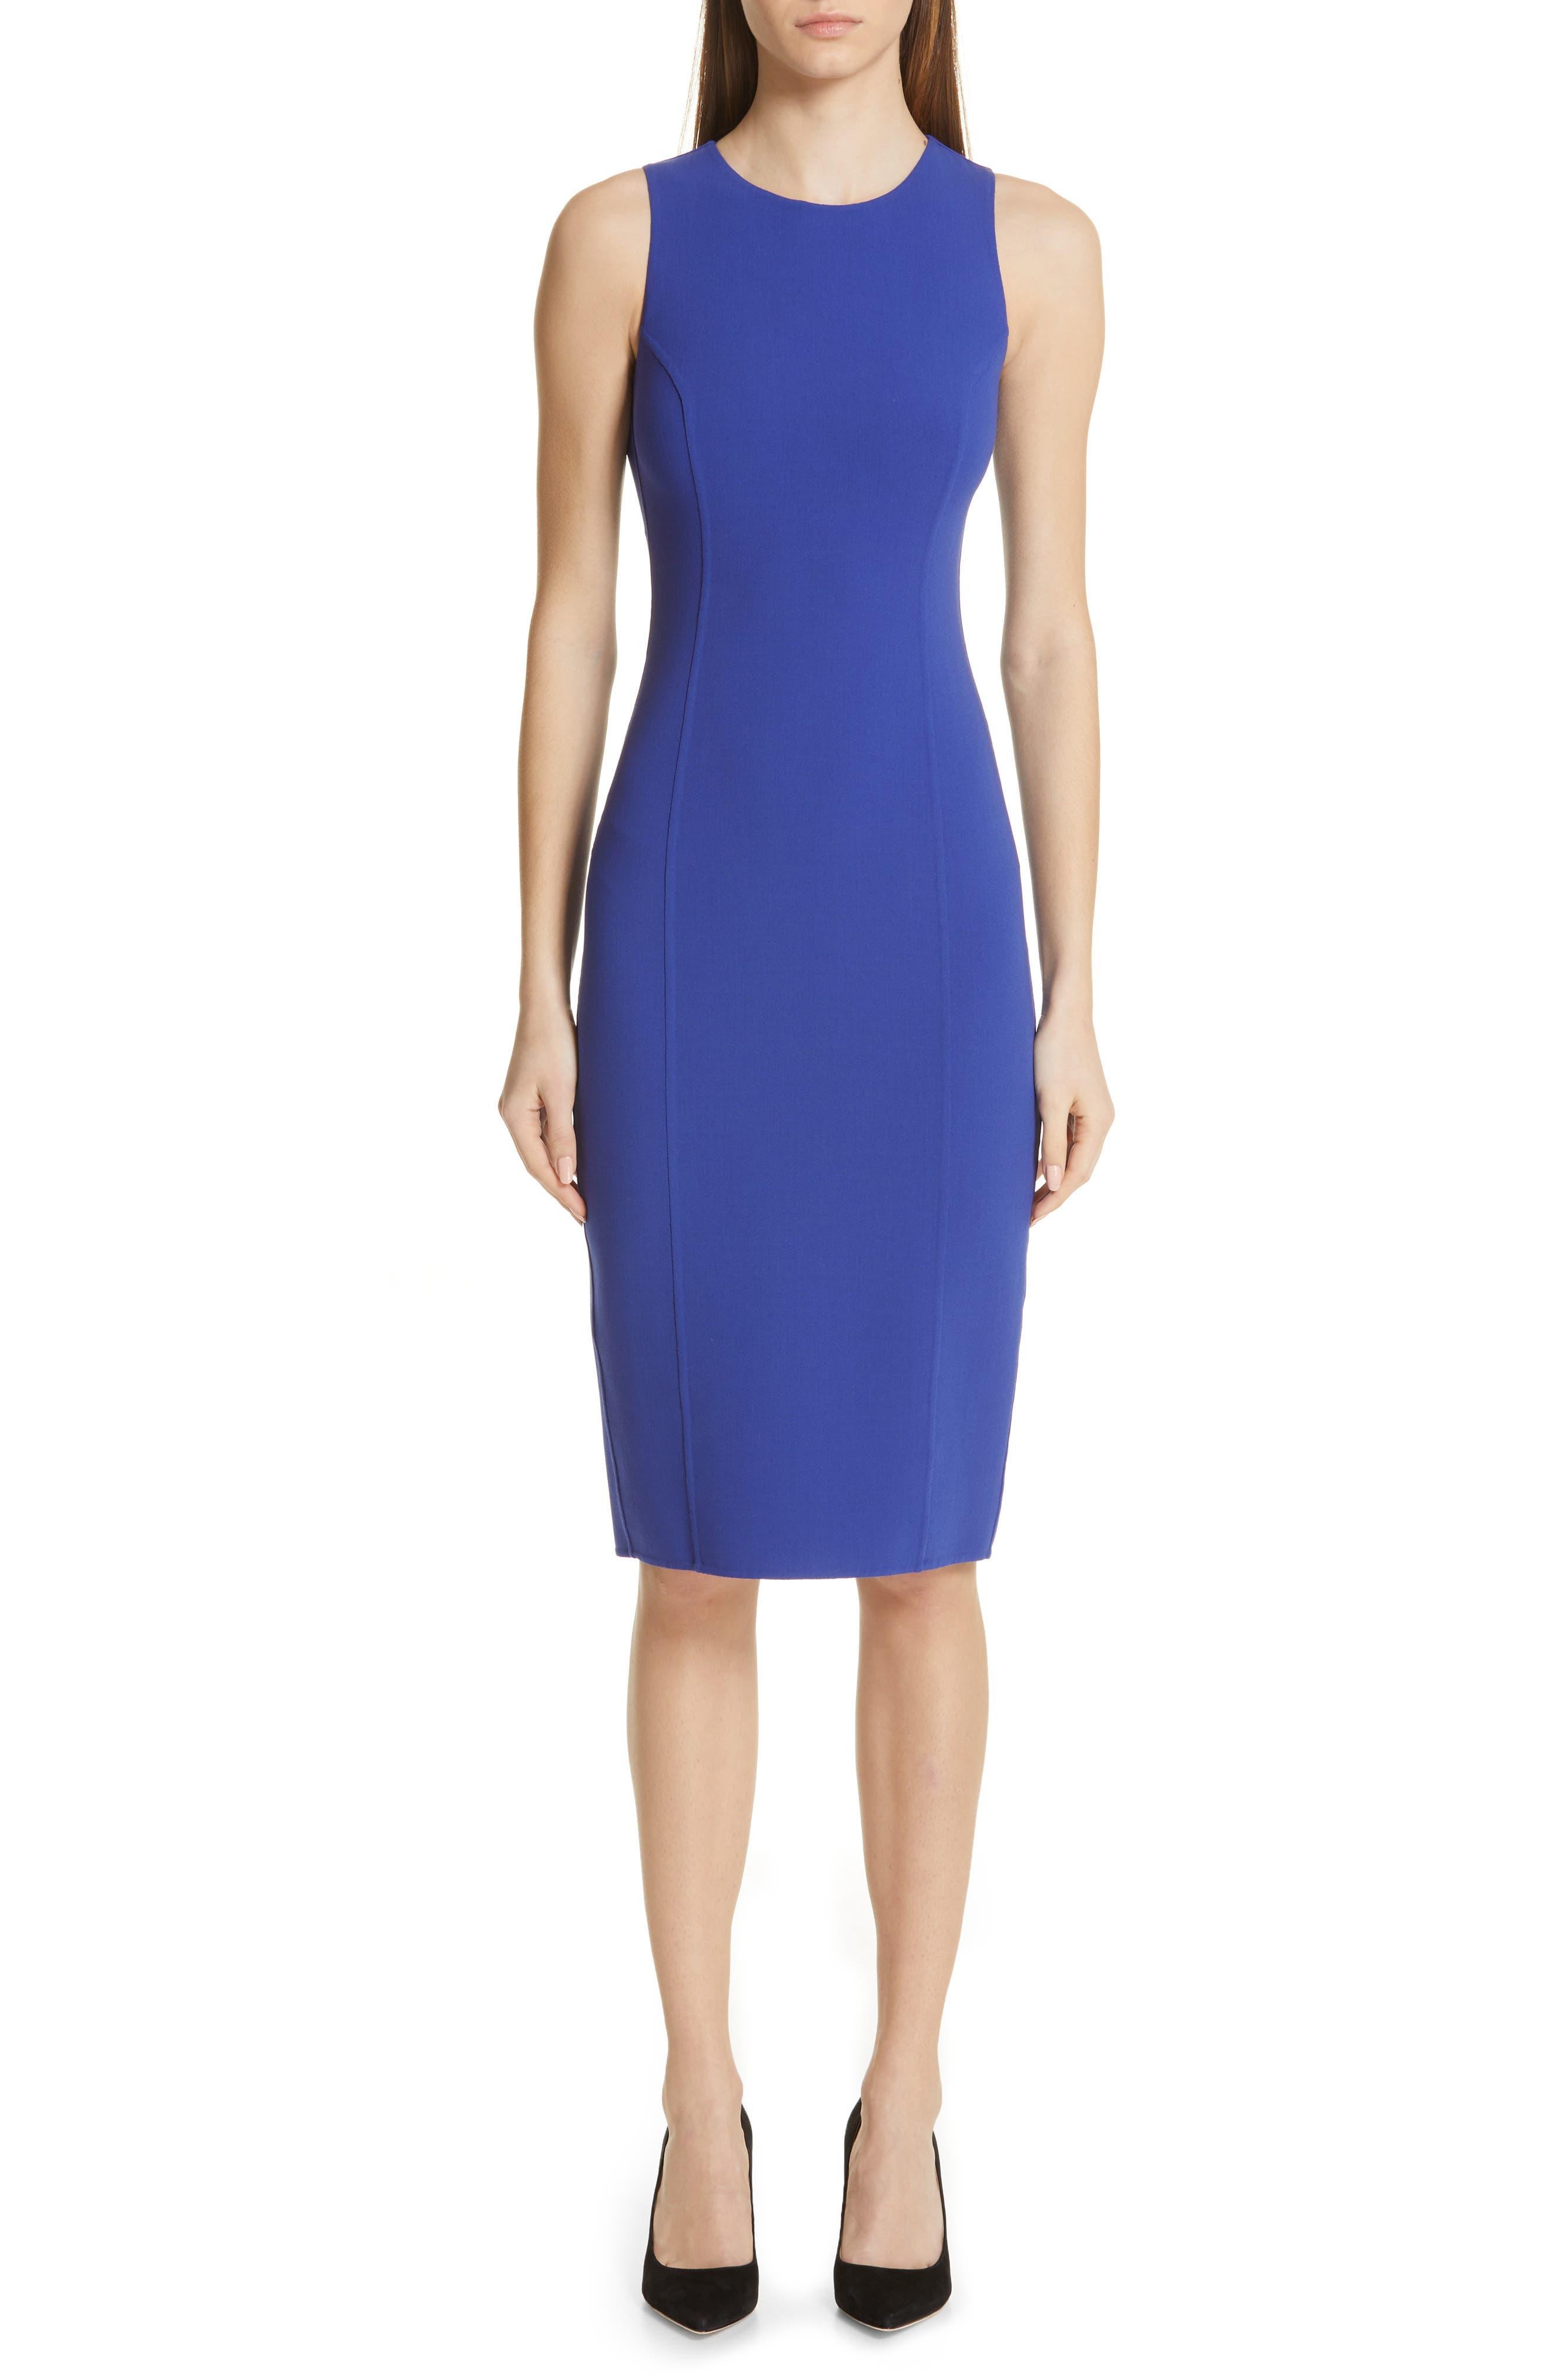 Michael Kors Stretch Wool Crepe Sheath Dress, Blue